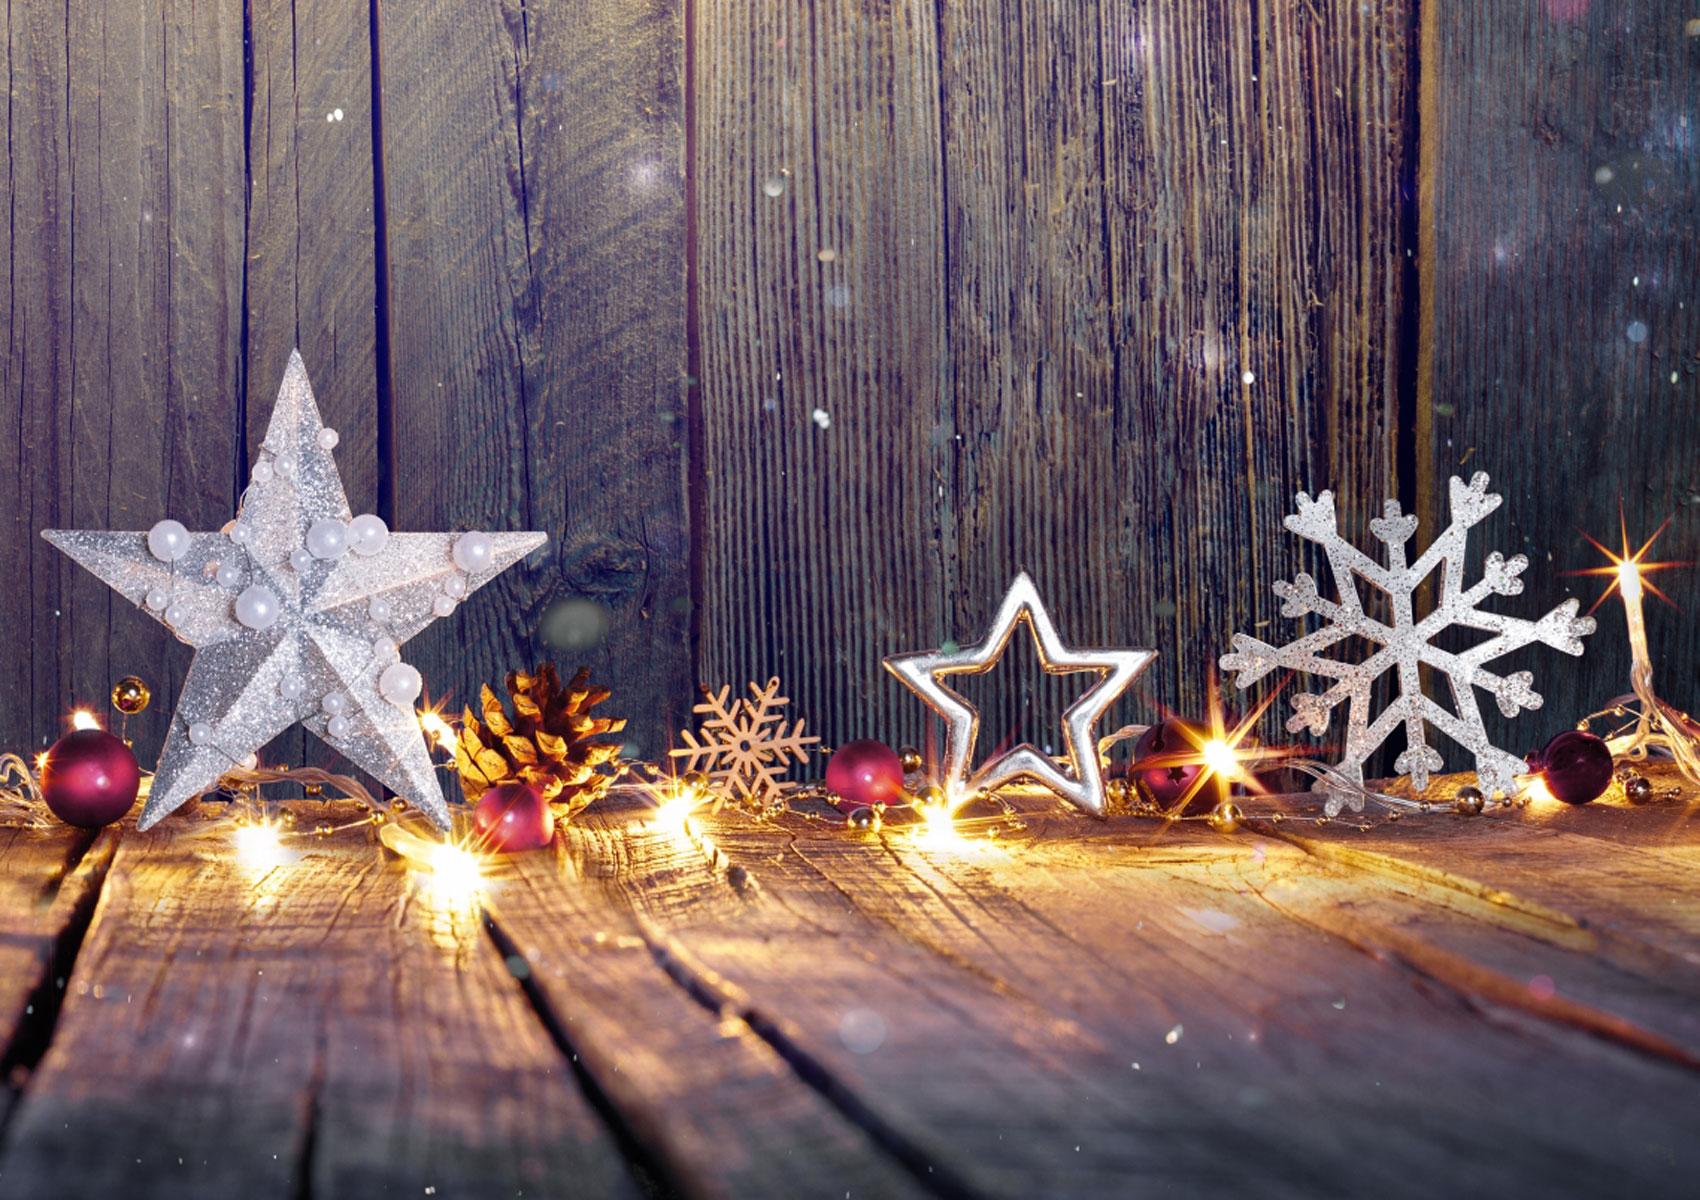 Christmas Light Golden Child Photo Backgrounds Board Vinyl